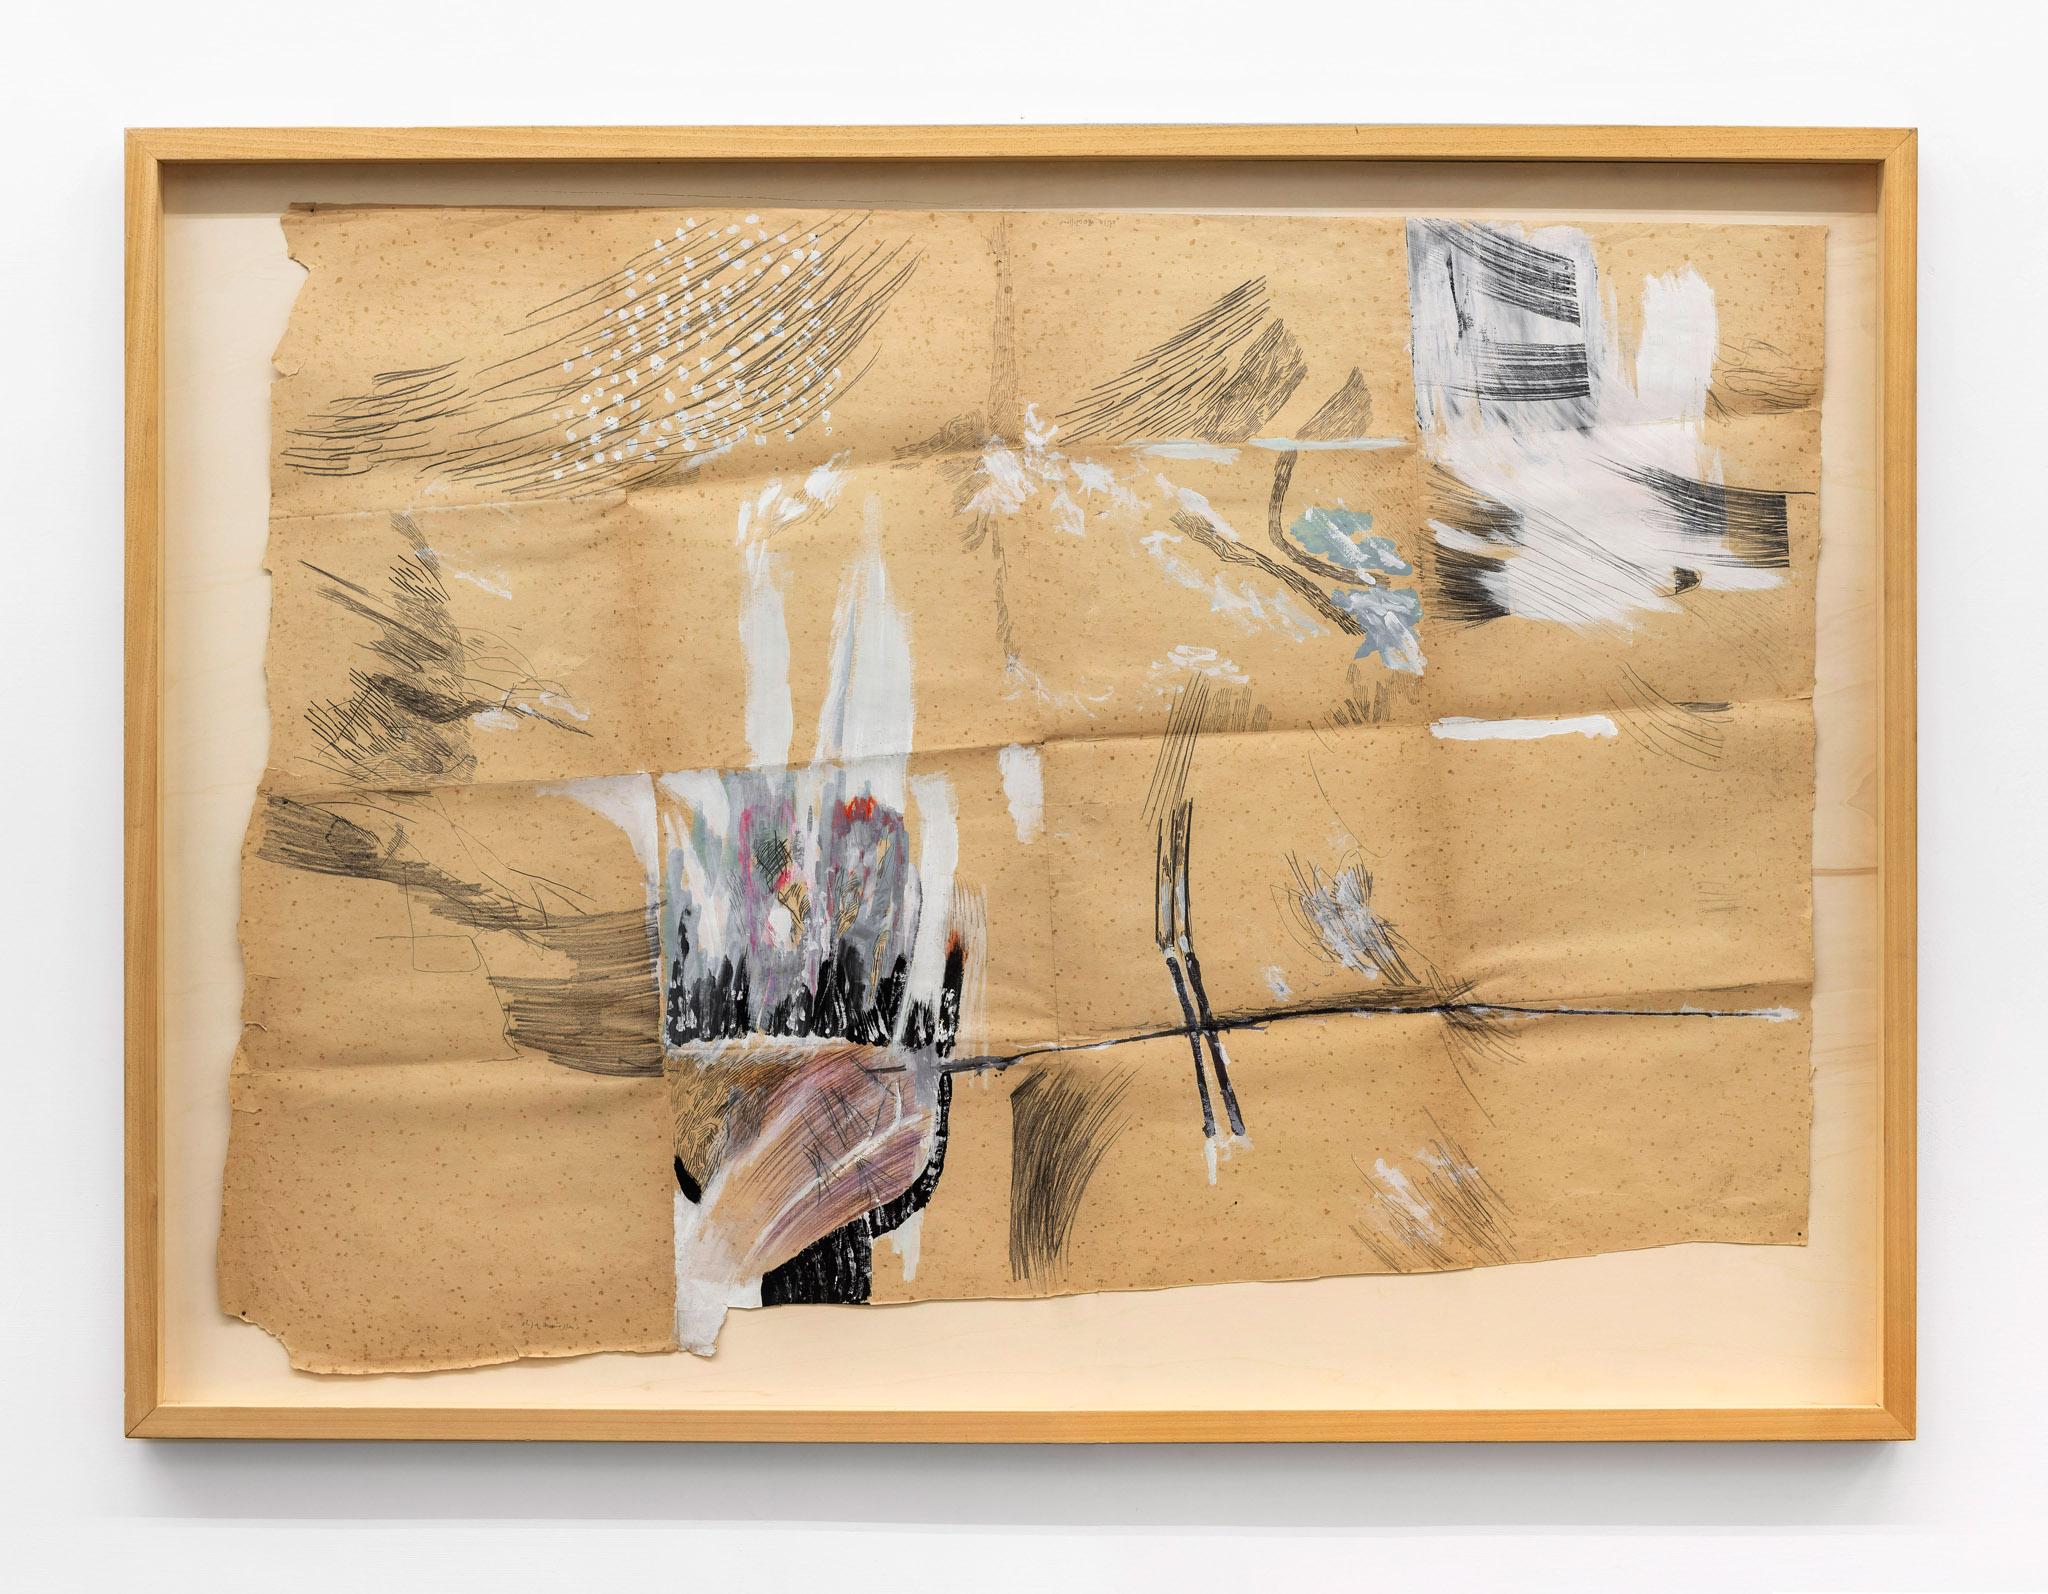 La pittura è totale, 1981 Grafite e tempera su carta da spolvero; 117 x 160 cm;  foto: Giorgio Benni.  Courtesy l'artista e Monitor Roma, Lisbona, Pereto